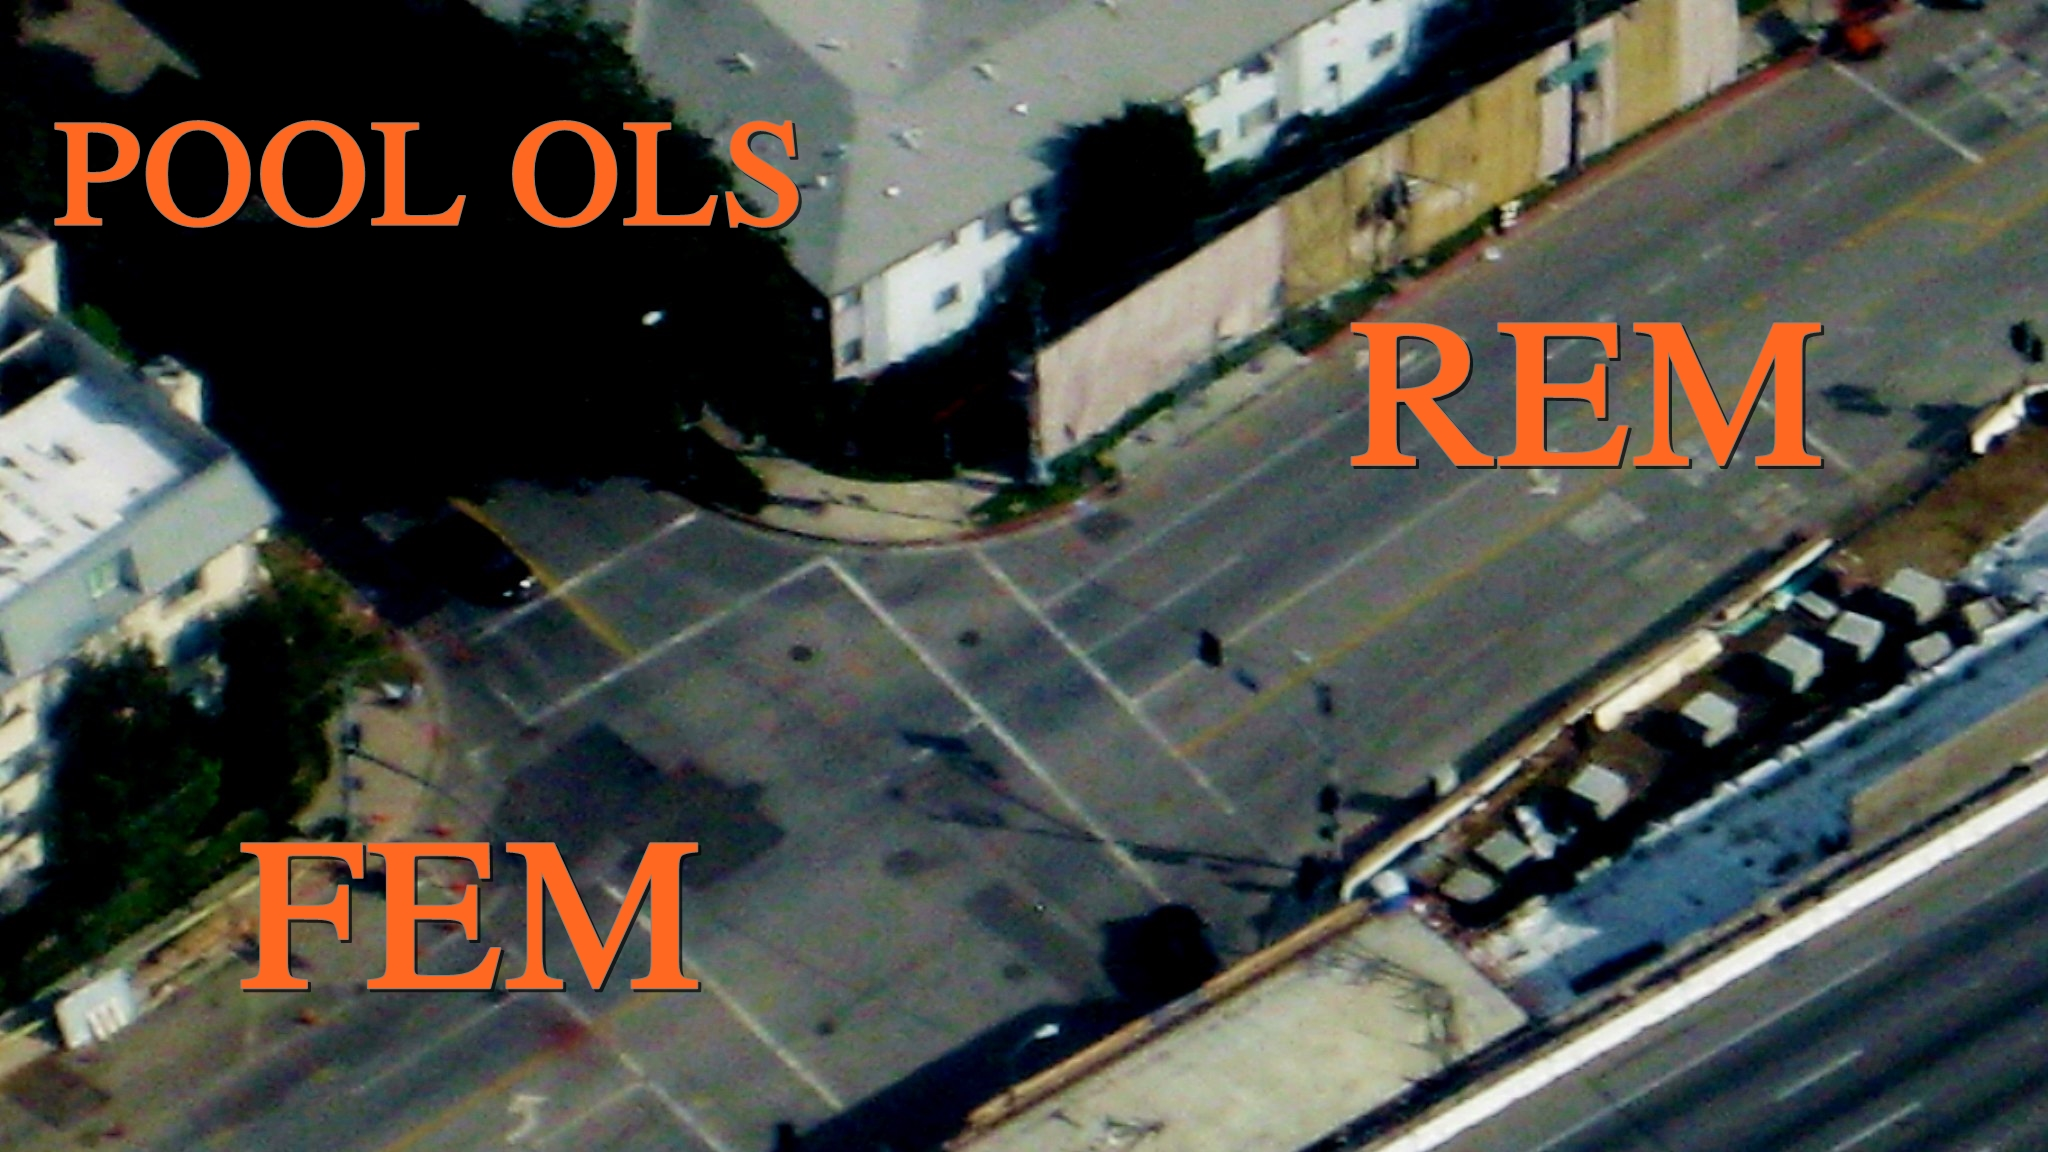 inter section - hồi qui dữ liệu bảng pool ols fem rem trên eviews